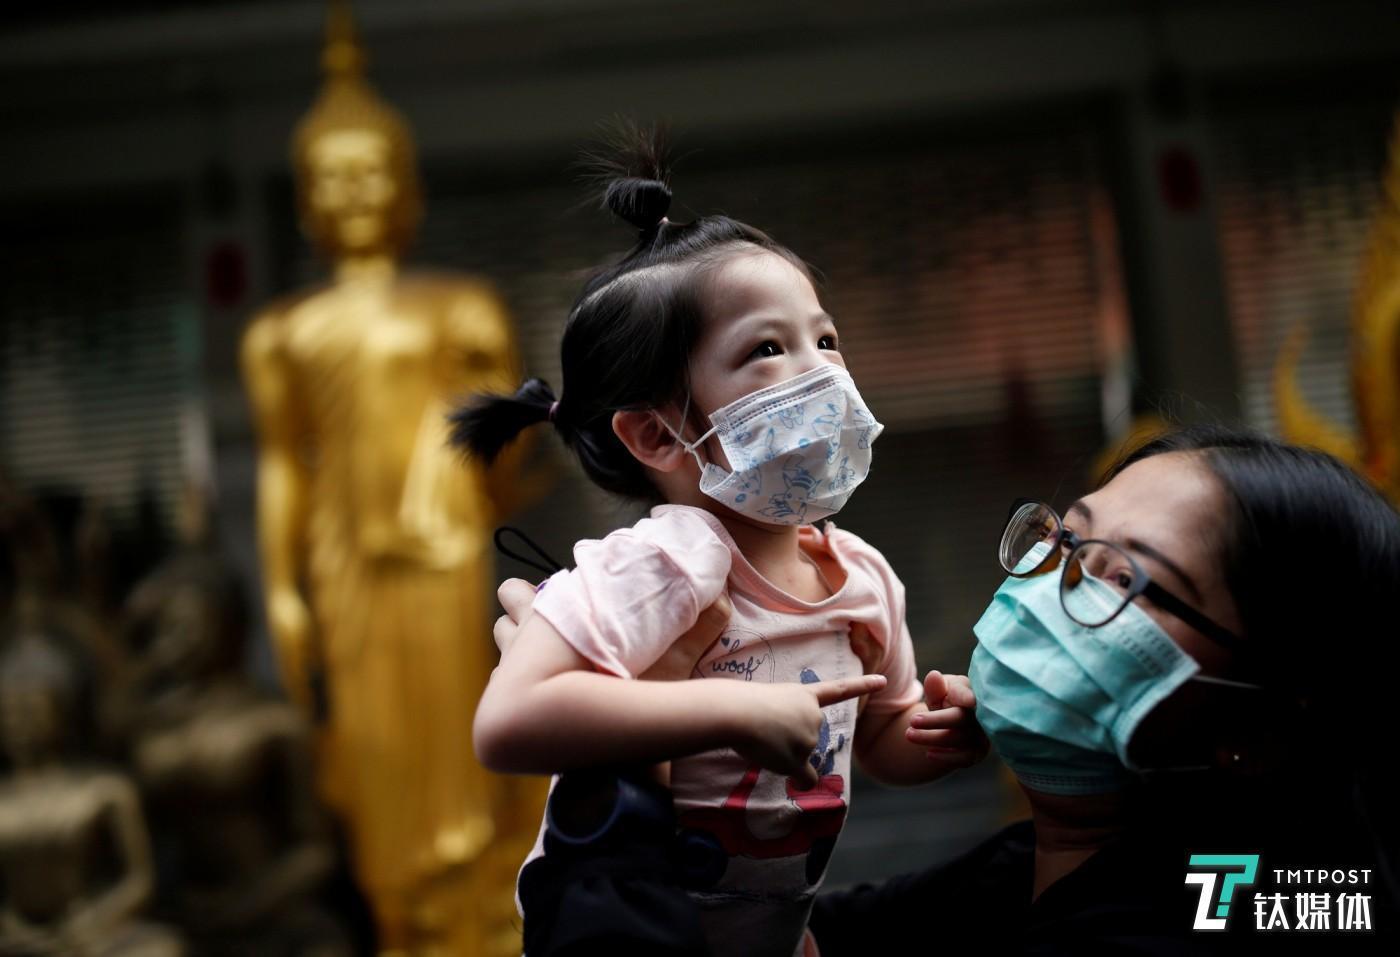 因新冠肺炎疫情,母子都带上口罩(来源:Daily Times)